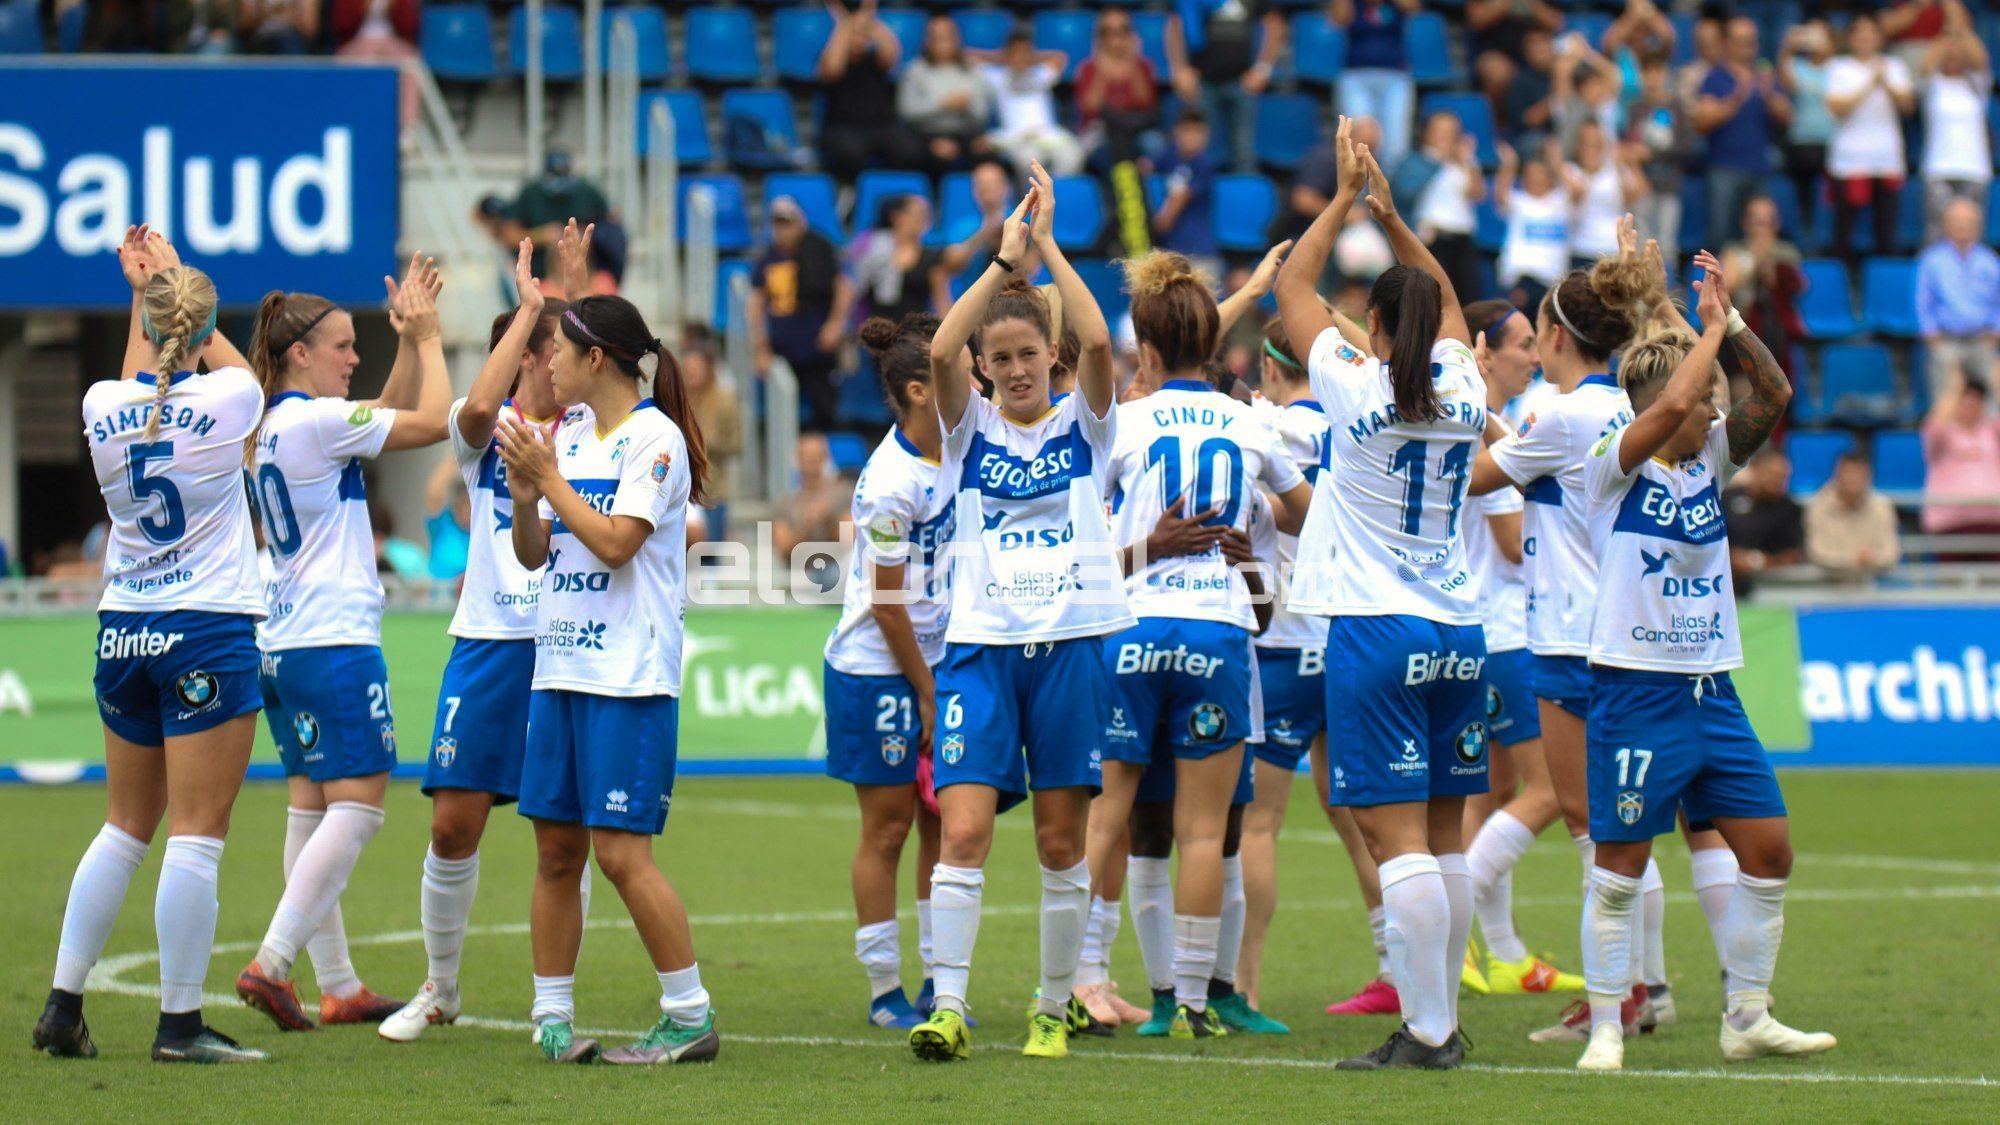 Las jugadoras del UDG Tenerife agradecen el apoyo del Heliodoro | @jacfotografo